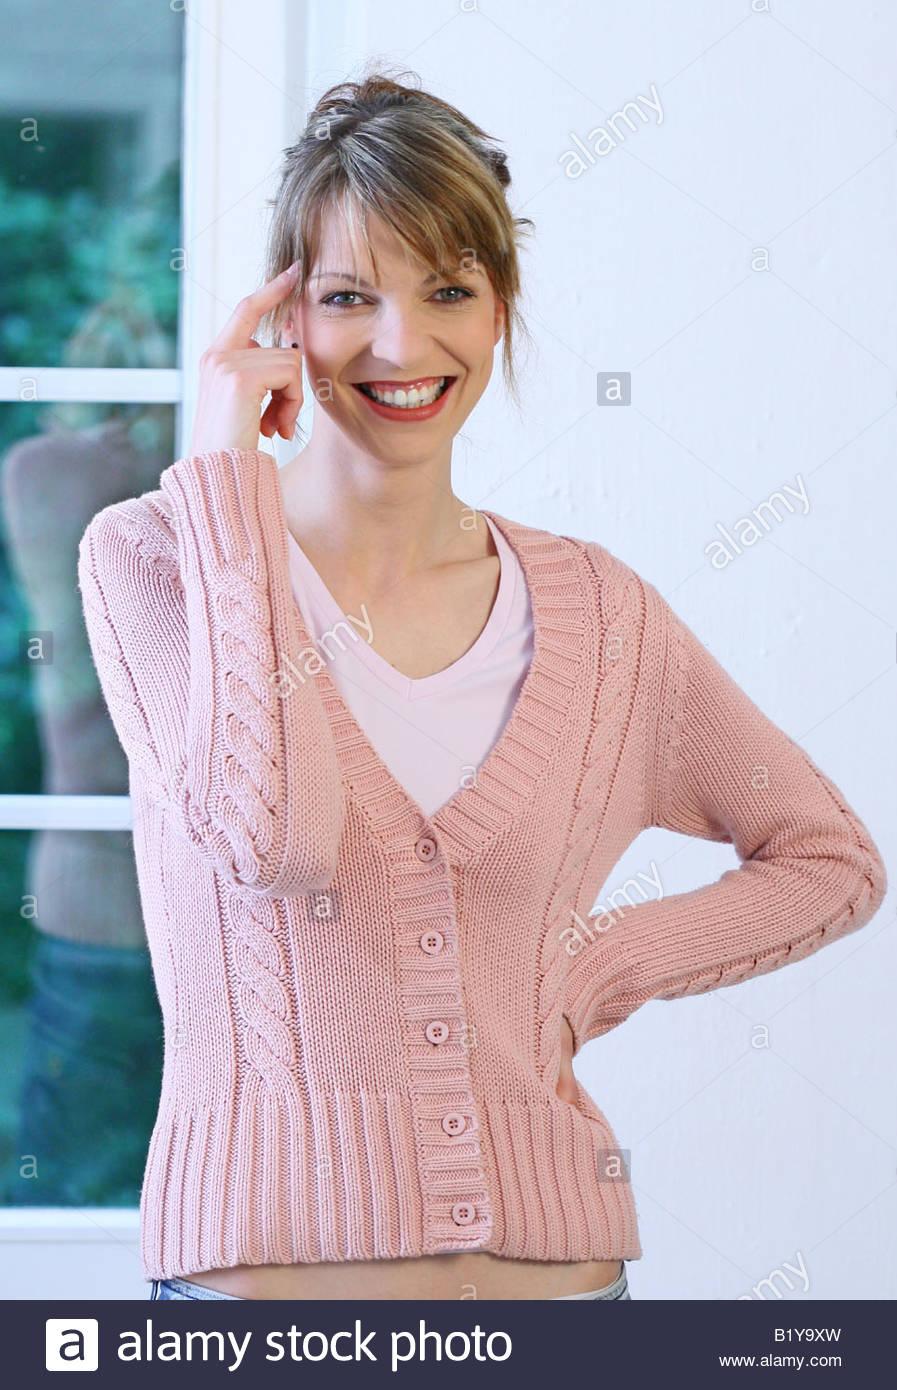 Frau mit Zeigefinger gestikulieren Stockbild